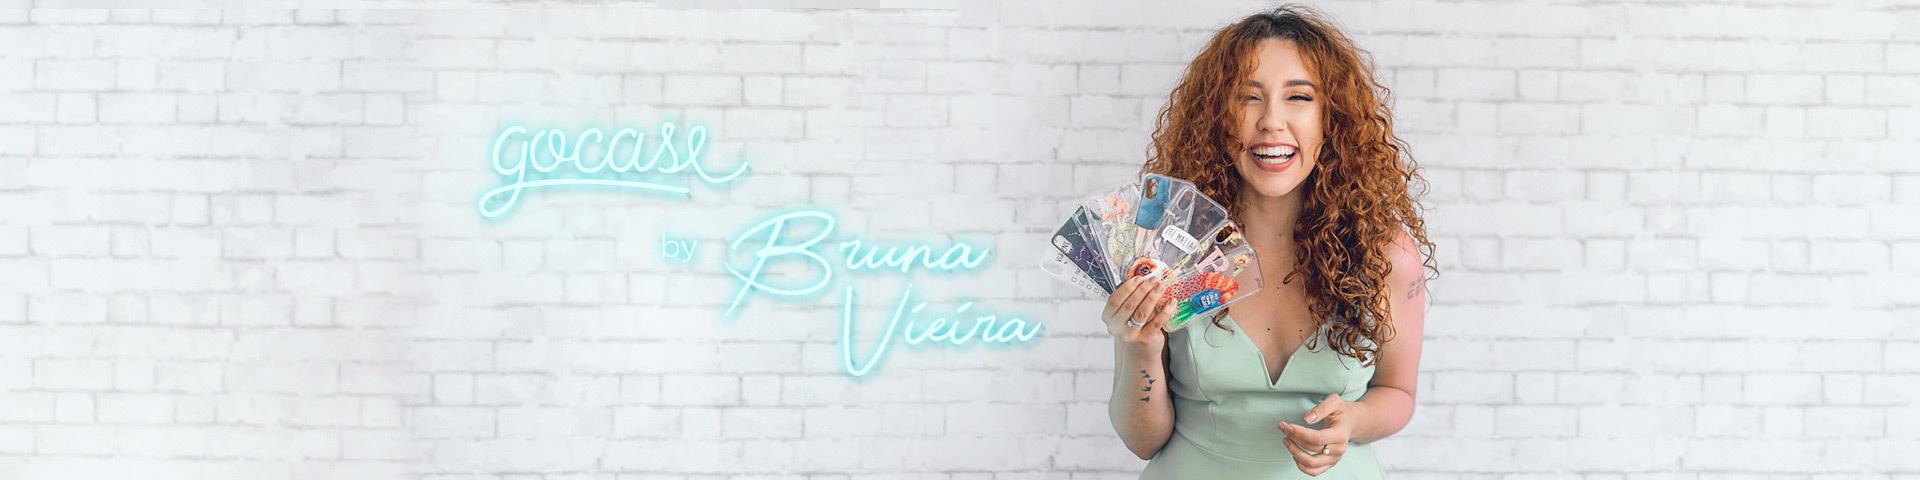 Bruna vieira collection